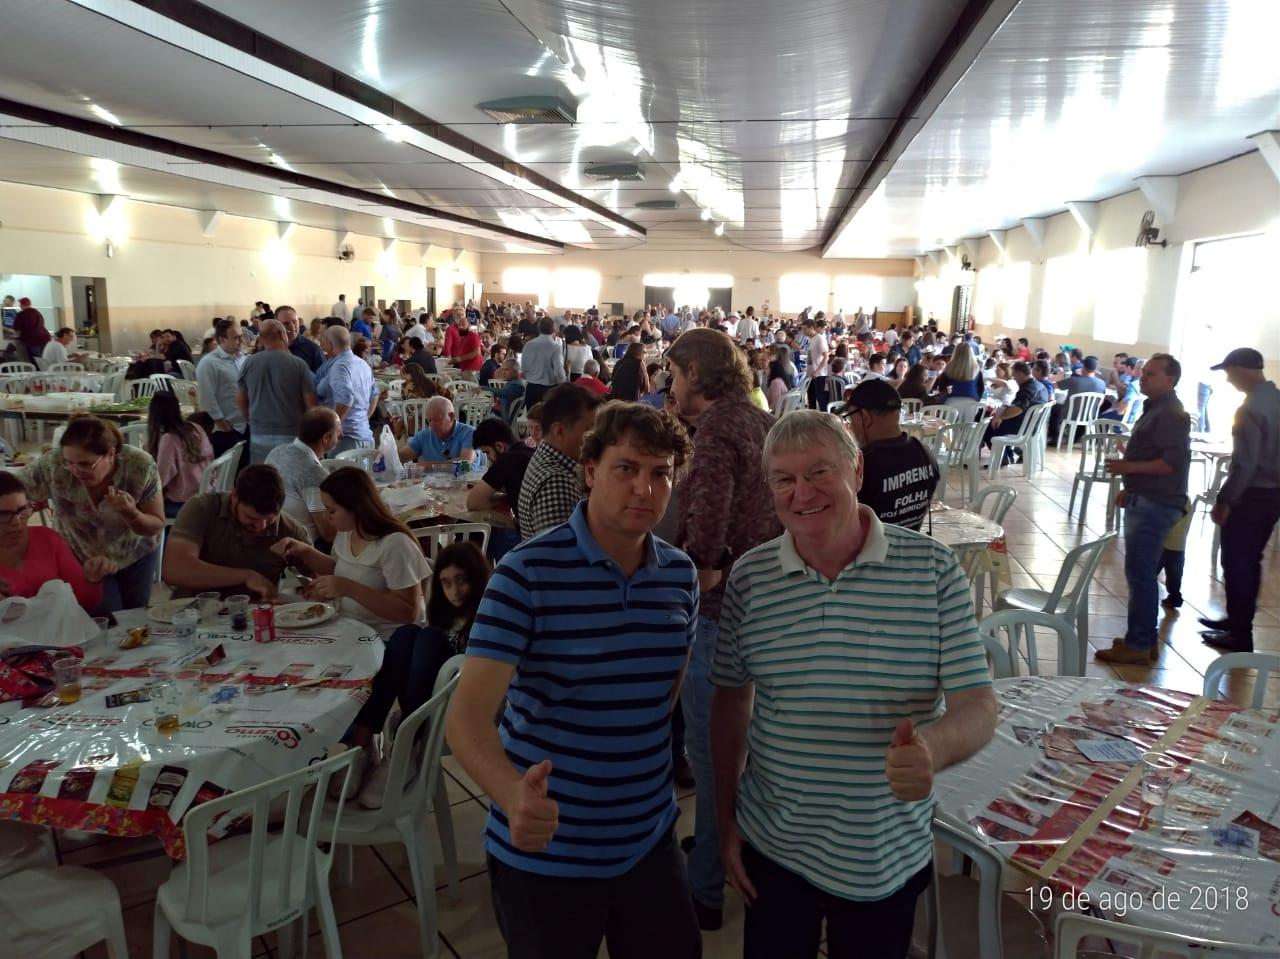 Anibelli Neto na Festa do Carneiro com Vinho em Peabiru